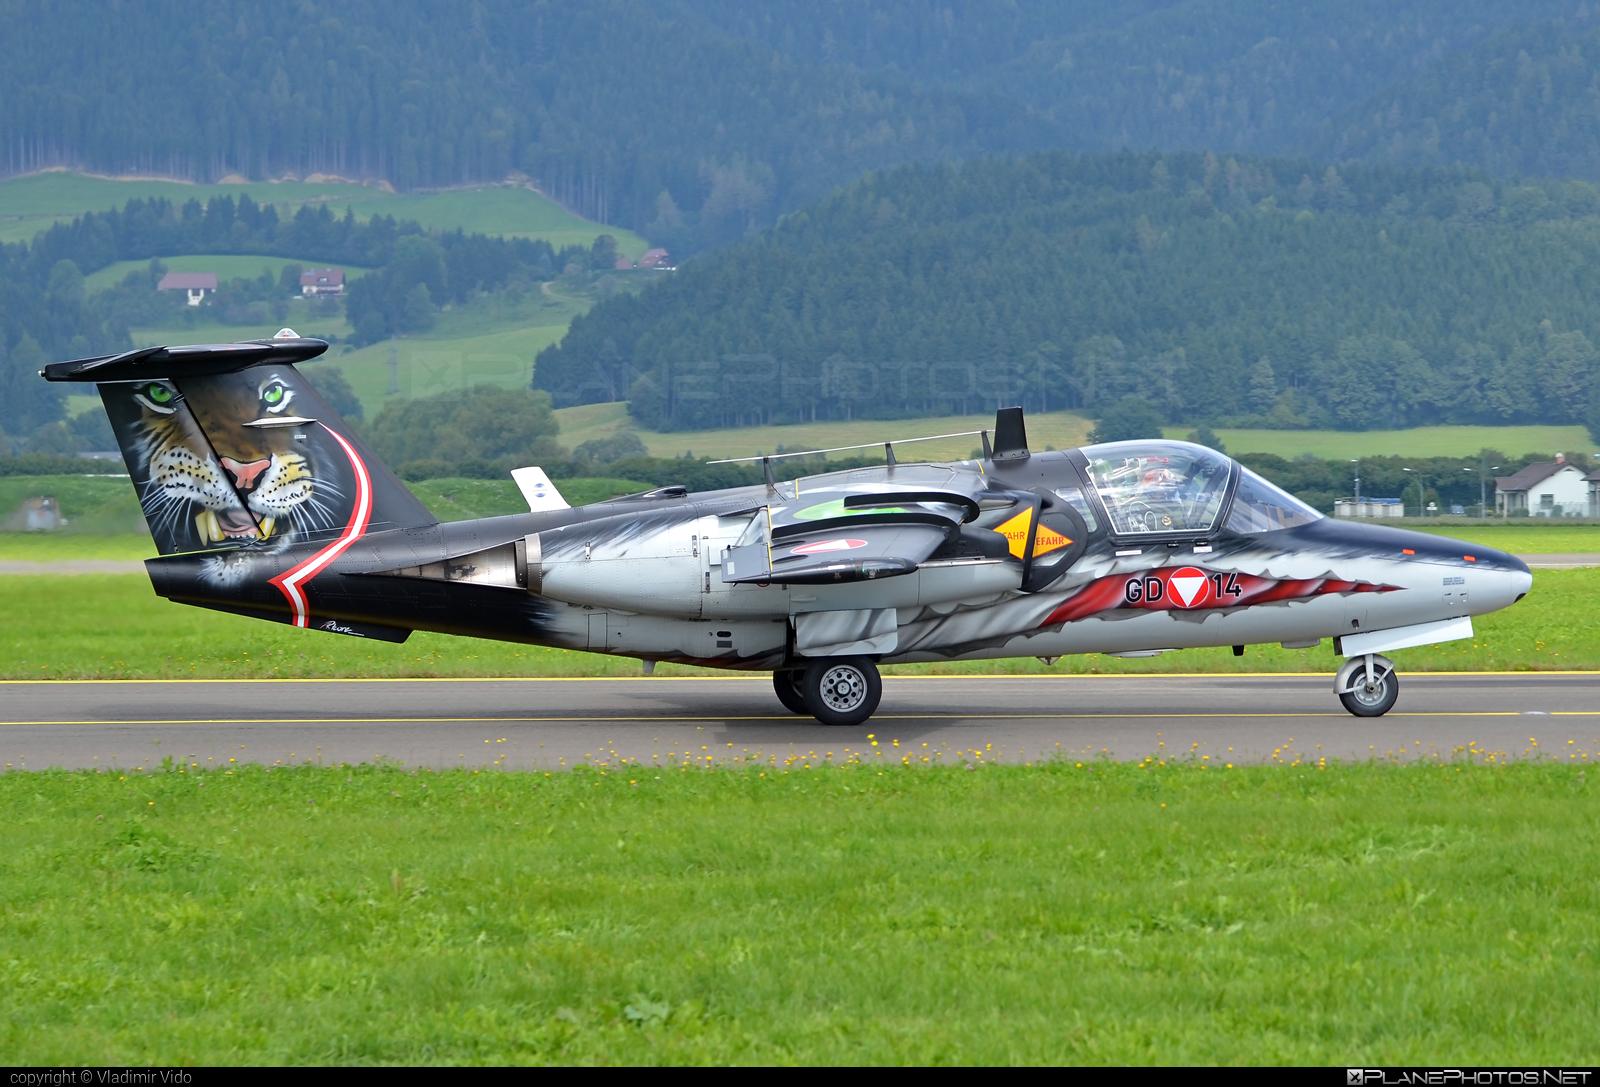 Saab 105OE - GD-14 operated by Österreichische Luftstreitkräfte (Austrian Air Force) #austrianairforce #saab #saab105 #saab105oe